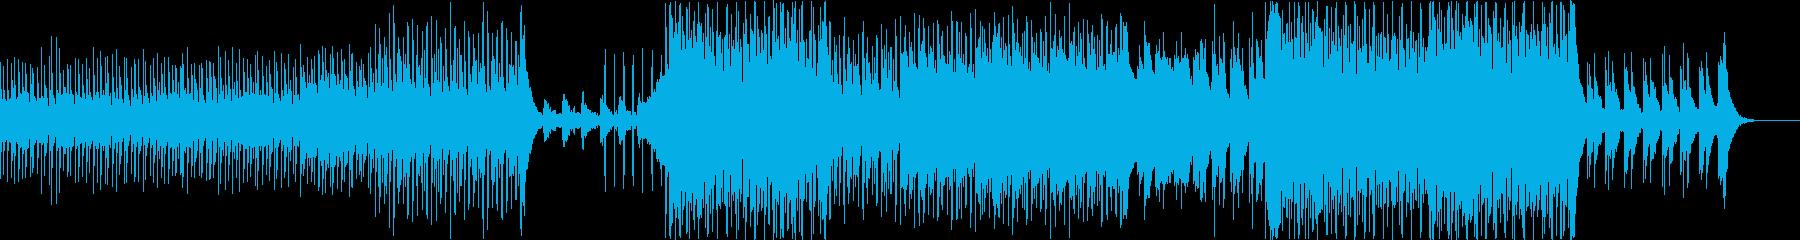 ビーチに合うトロピカルハウスの再生済みの波形